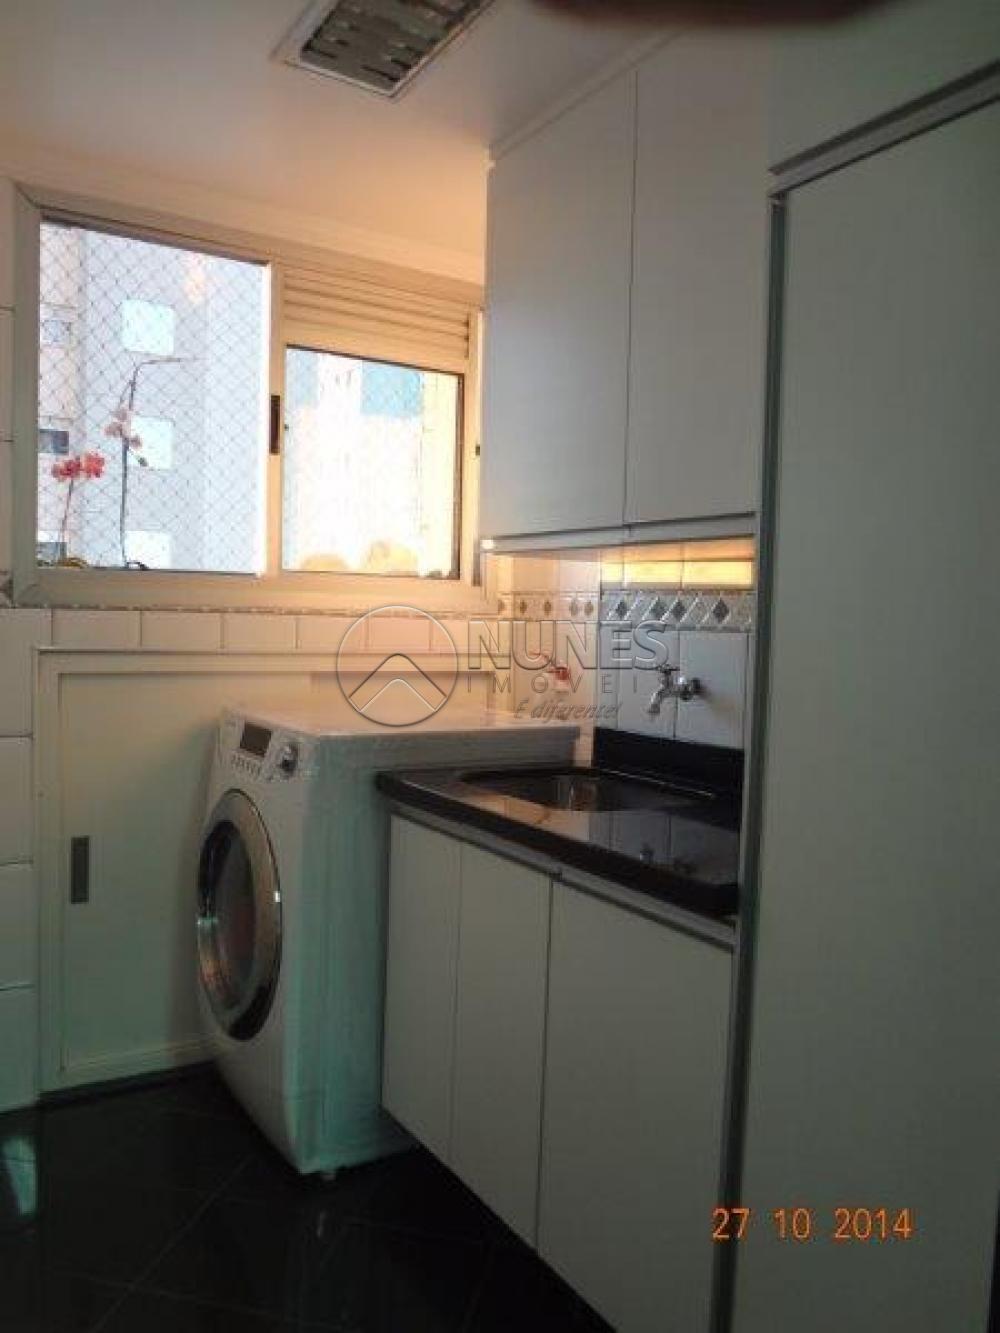 Comprar Apartamento / Padrão em Osasco apenas R$ 395.000,00 - Foto 24